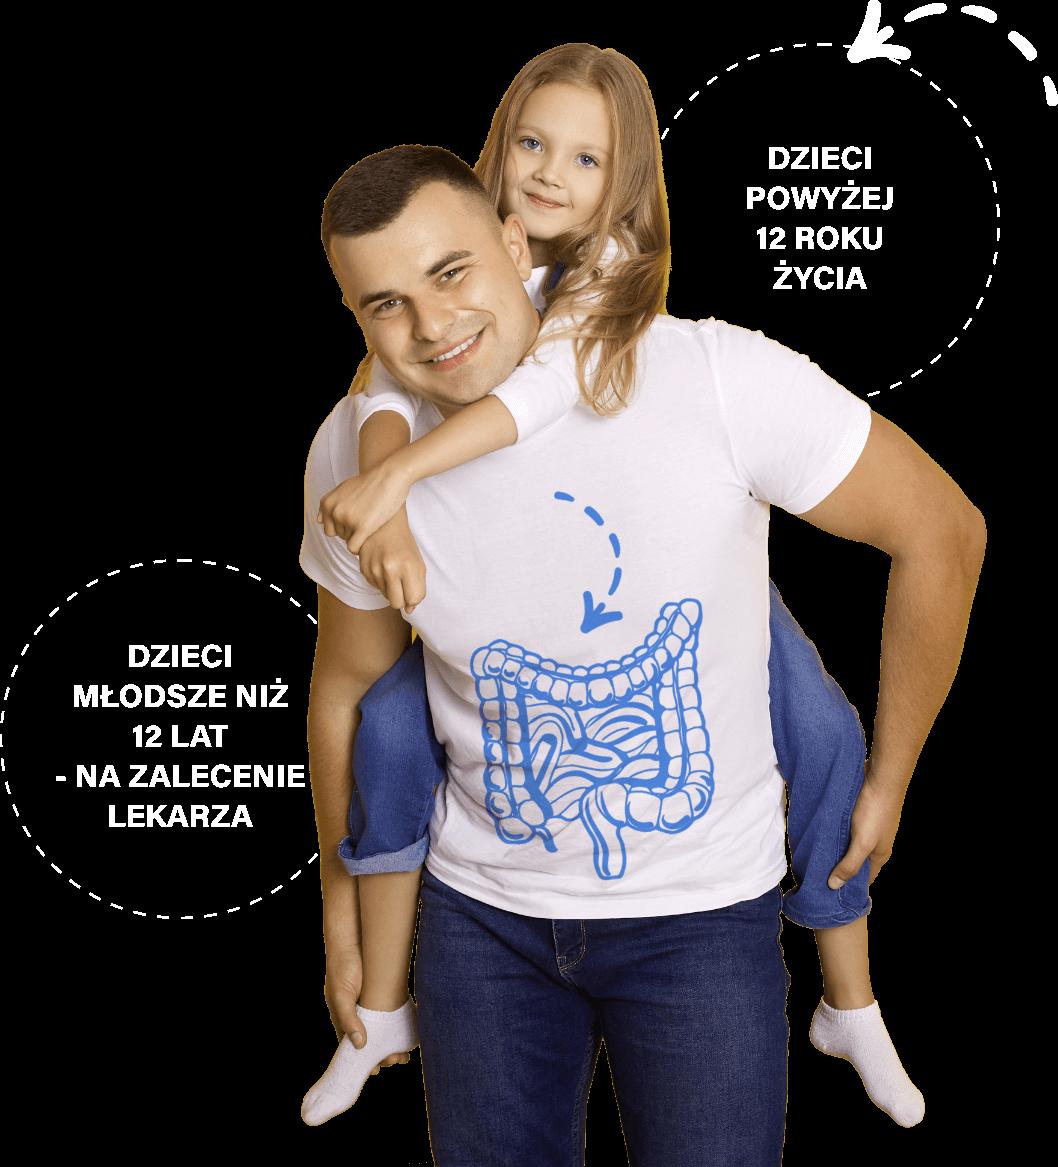 Uśmiechnięty ojciec z córką, informacja: dla dzieci powyżej 12 roku życia, w przypadku dzieci młodszych niż 12 lat - na zalecenie lekarza